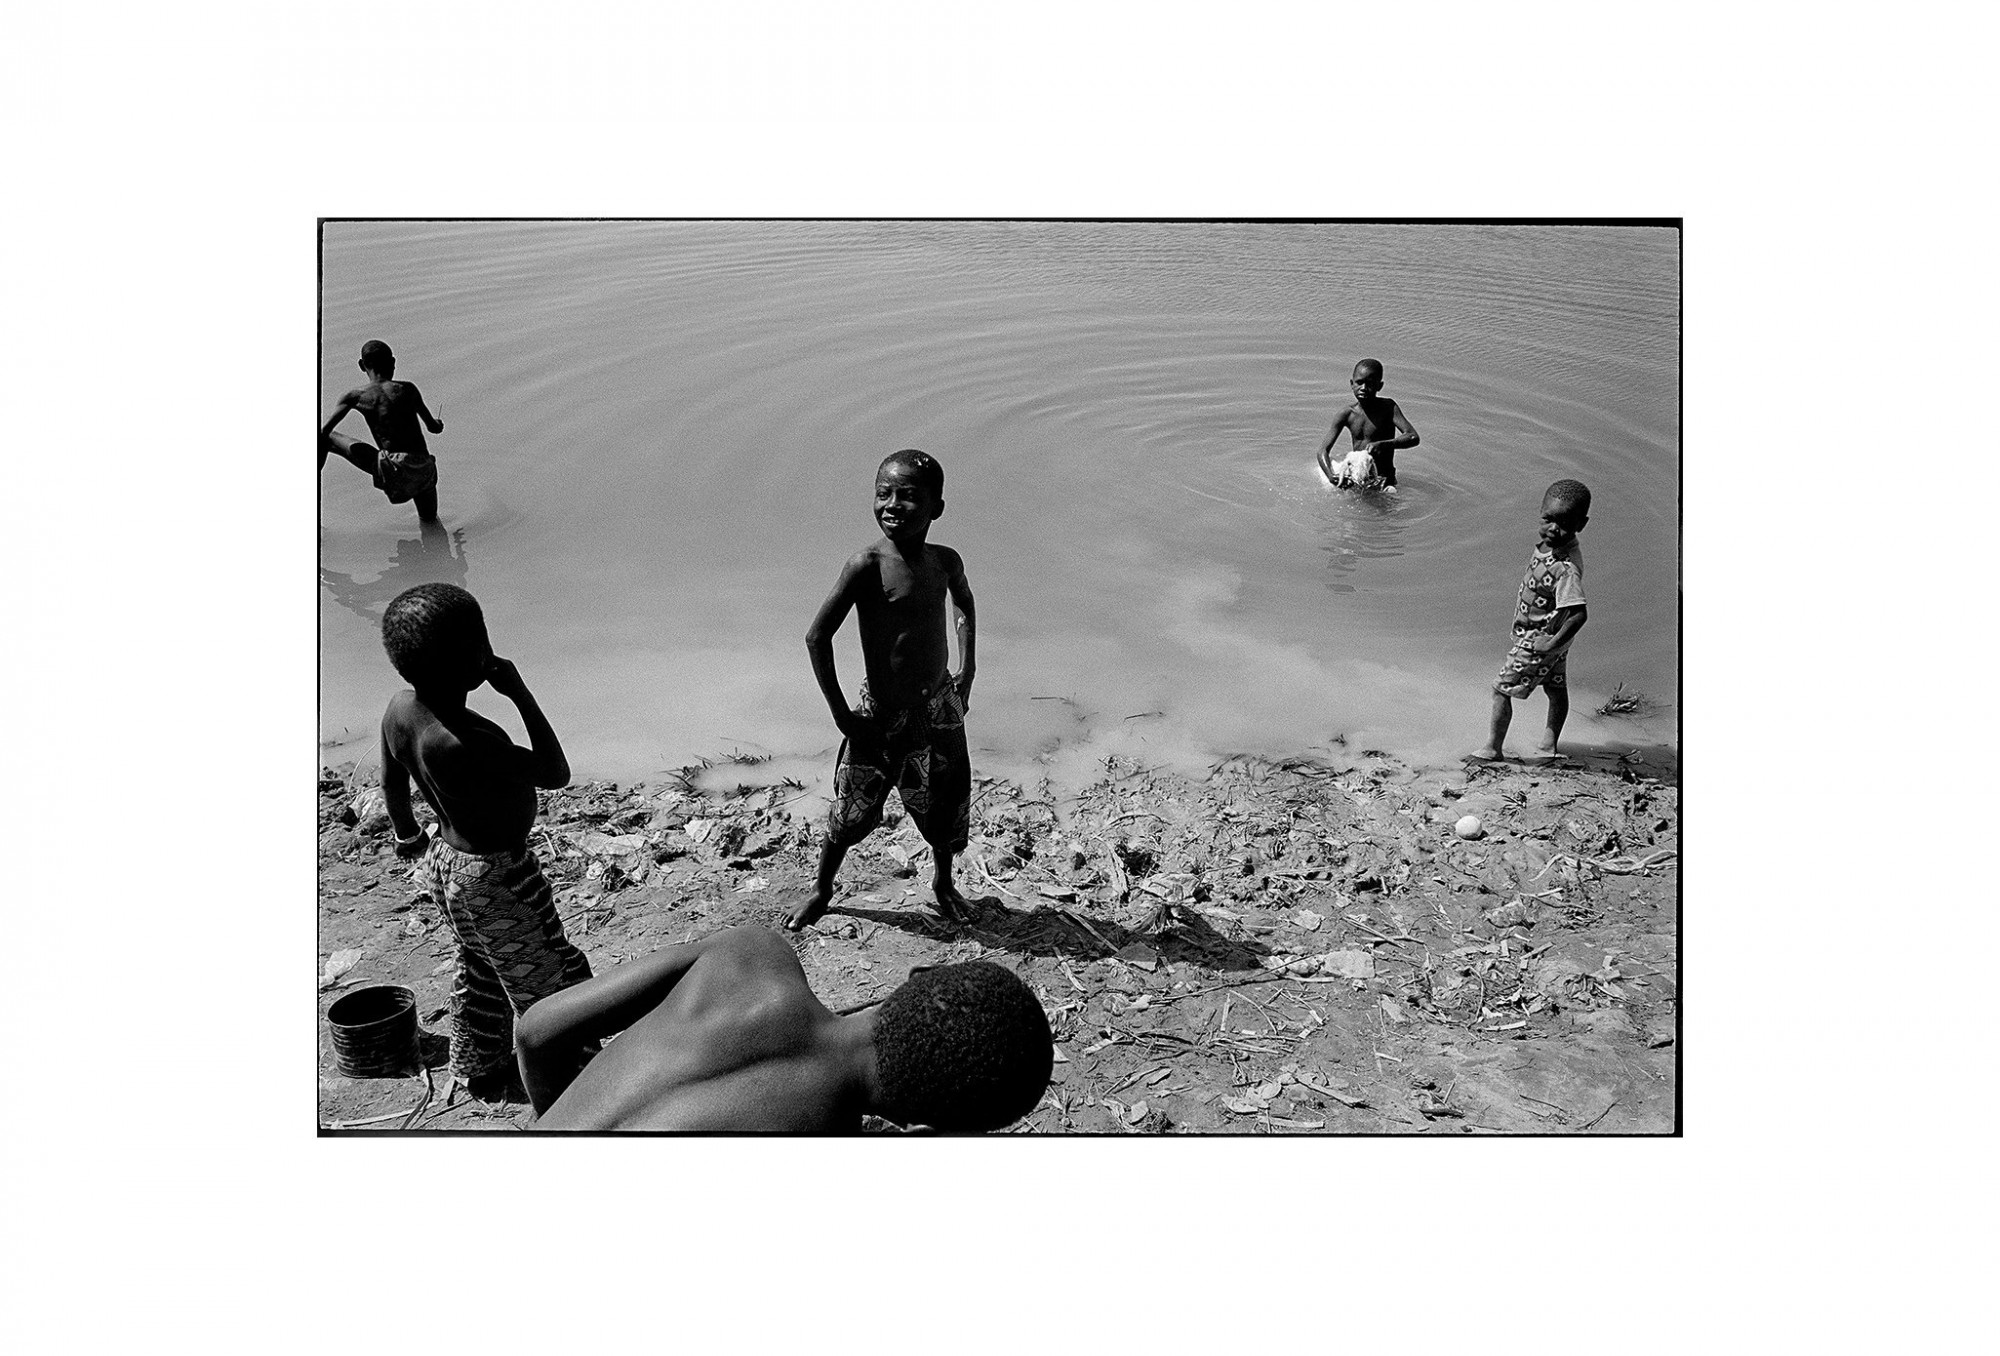 Afbeelding: Fotografie - Art, uit de reeks : De kleur van zwart. Mali, 98, © Dominique Van Huffel.